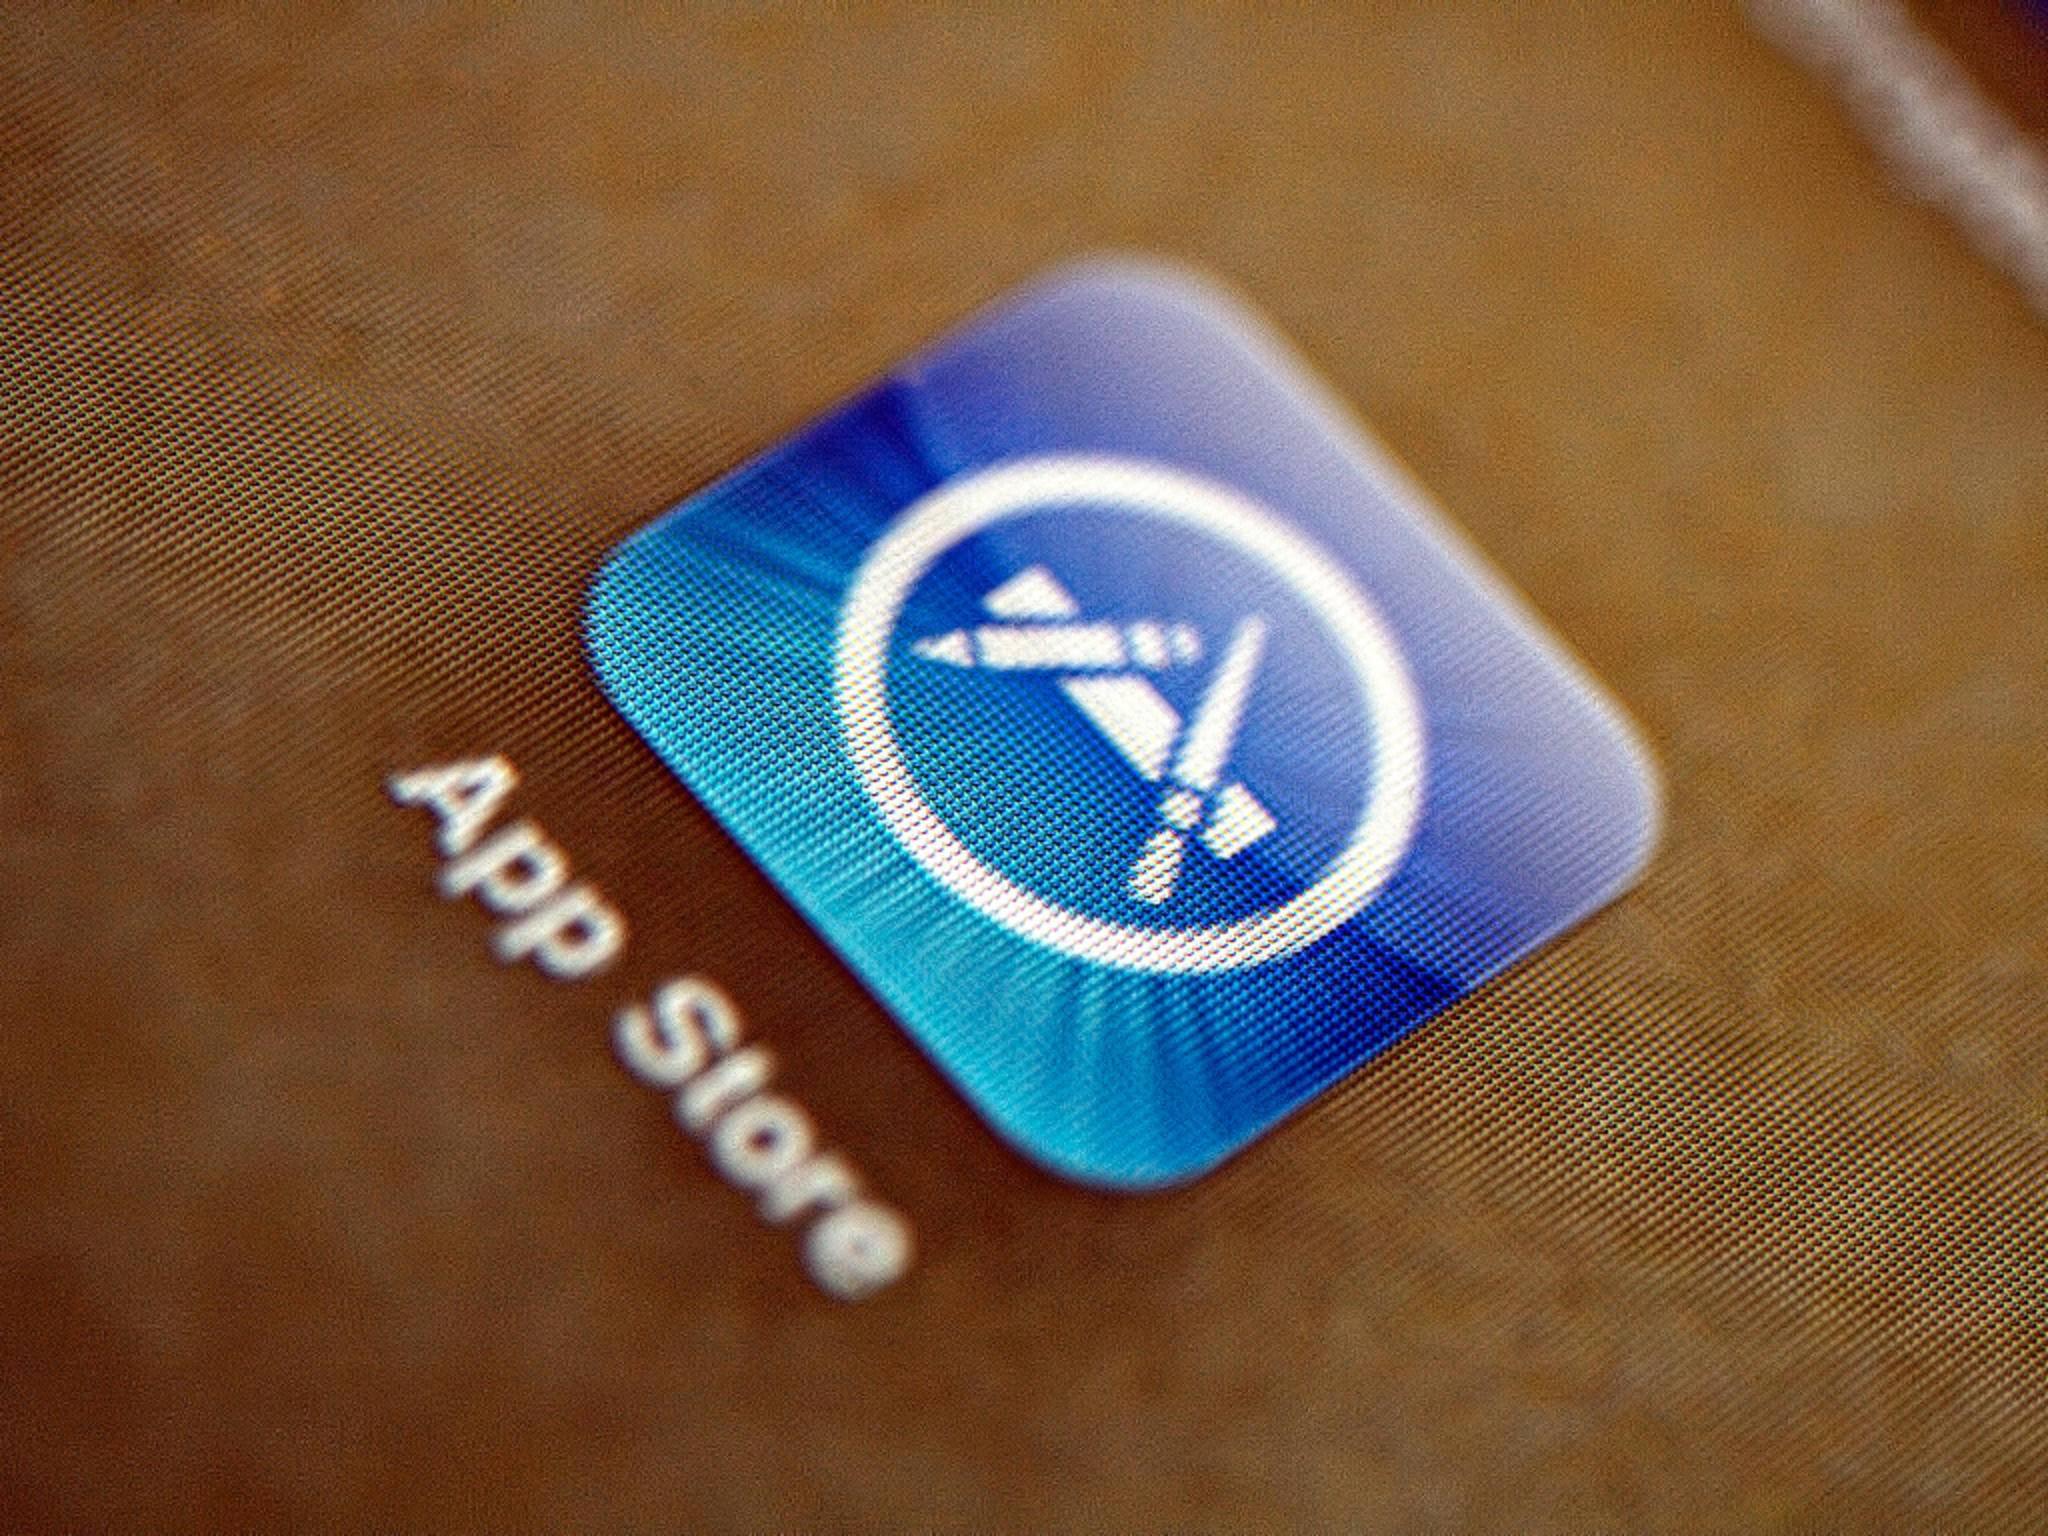 Anwendungen im App Store von Apple kosten nun mindestens zehn Prozent mehr.